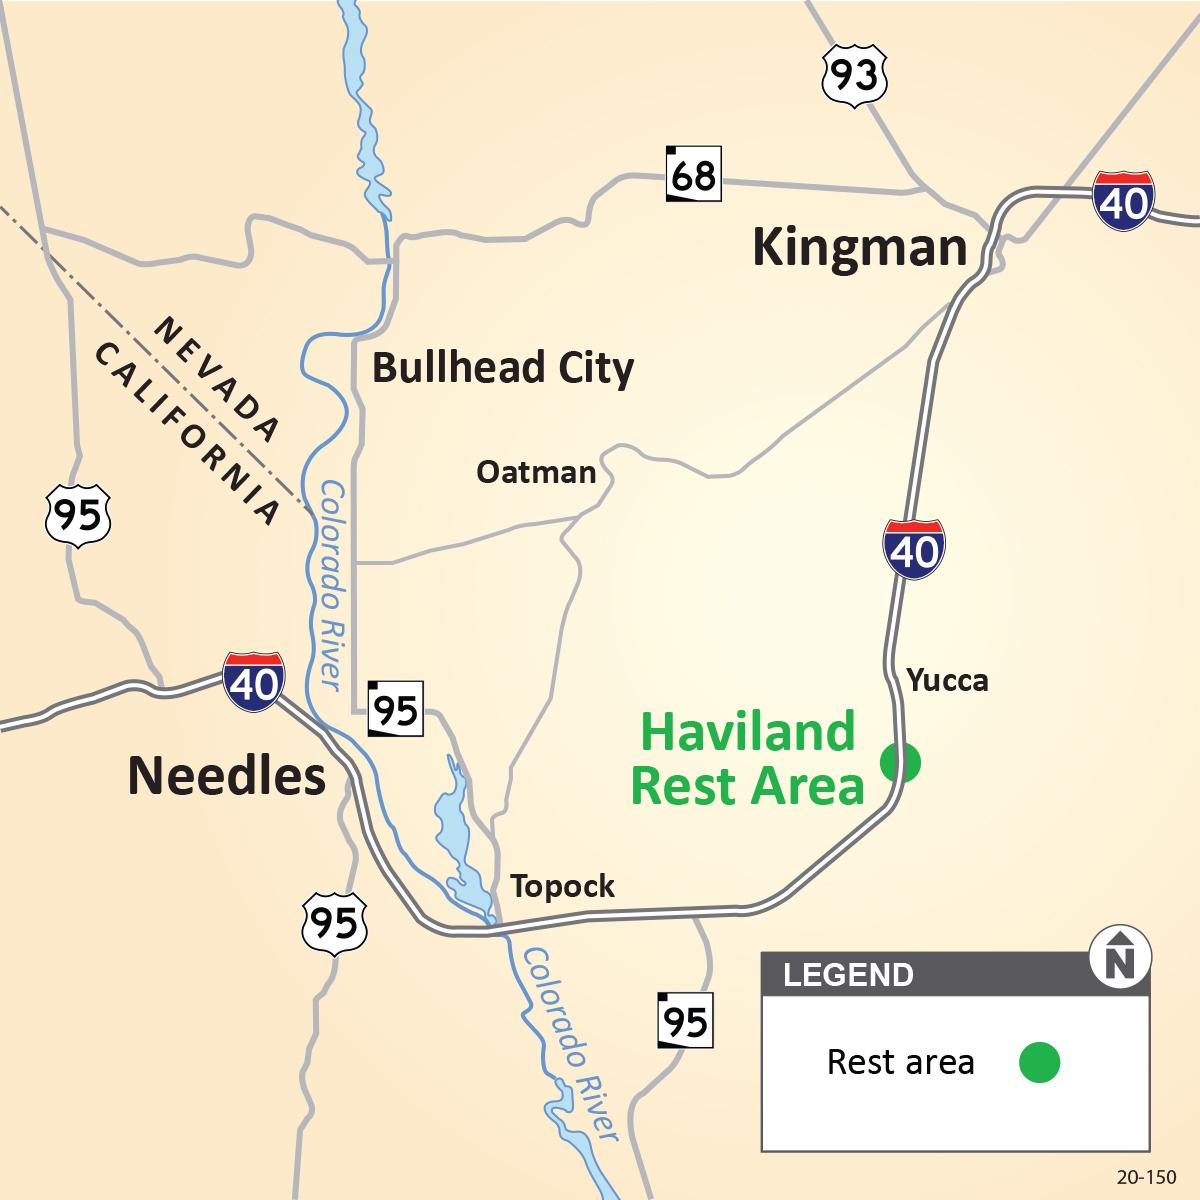 Haviland Rest Area